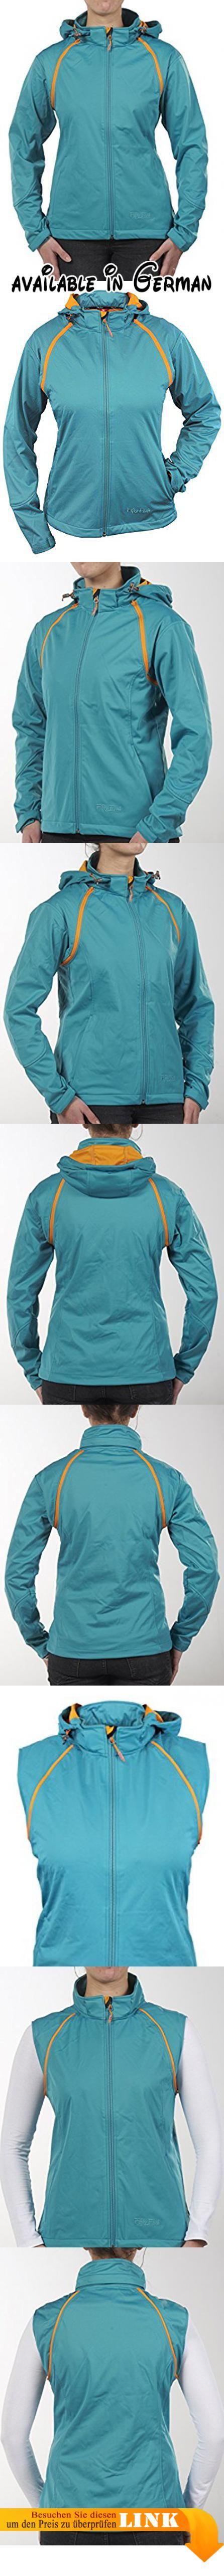 B01N5TH6Z8 : Super leichte Damen Softshell-Jacke mit abtrennbaren Ärmeln von Fifty Five - Menta biscaya/orange 38 - wasserfeste Jacke und Weste in einem. Die FIVE-TEX Membrane sorgt für Atmungsaktivität 5.000 g/m/24h und Wasserfestigkeit 8.000mm und Winddichtigkeit. Perfekt als superleichte Regenjacke für Frühling Sommer und Herbst. Softshelljacke Damen als 2in1 Jacke oder eben als Softshellweste. Die abtrennbaren Ärmel geben das Mehr an Funktion z.B. Softshellweste